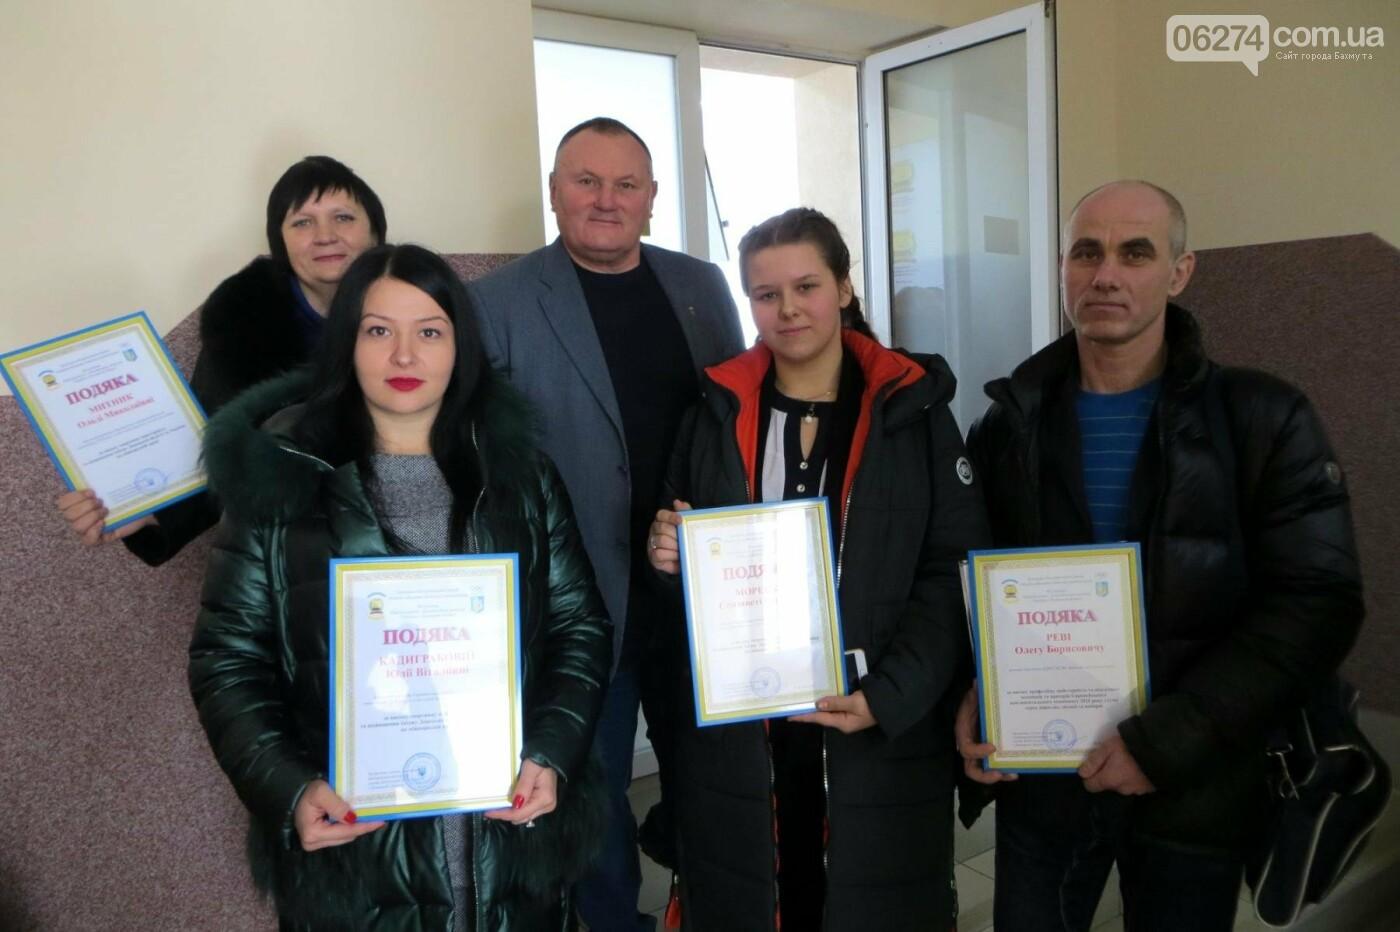 В Краматорске отметили лучших спортсменов и тренеров Донецкой области, фото-6